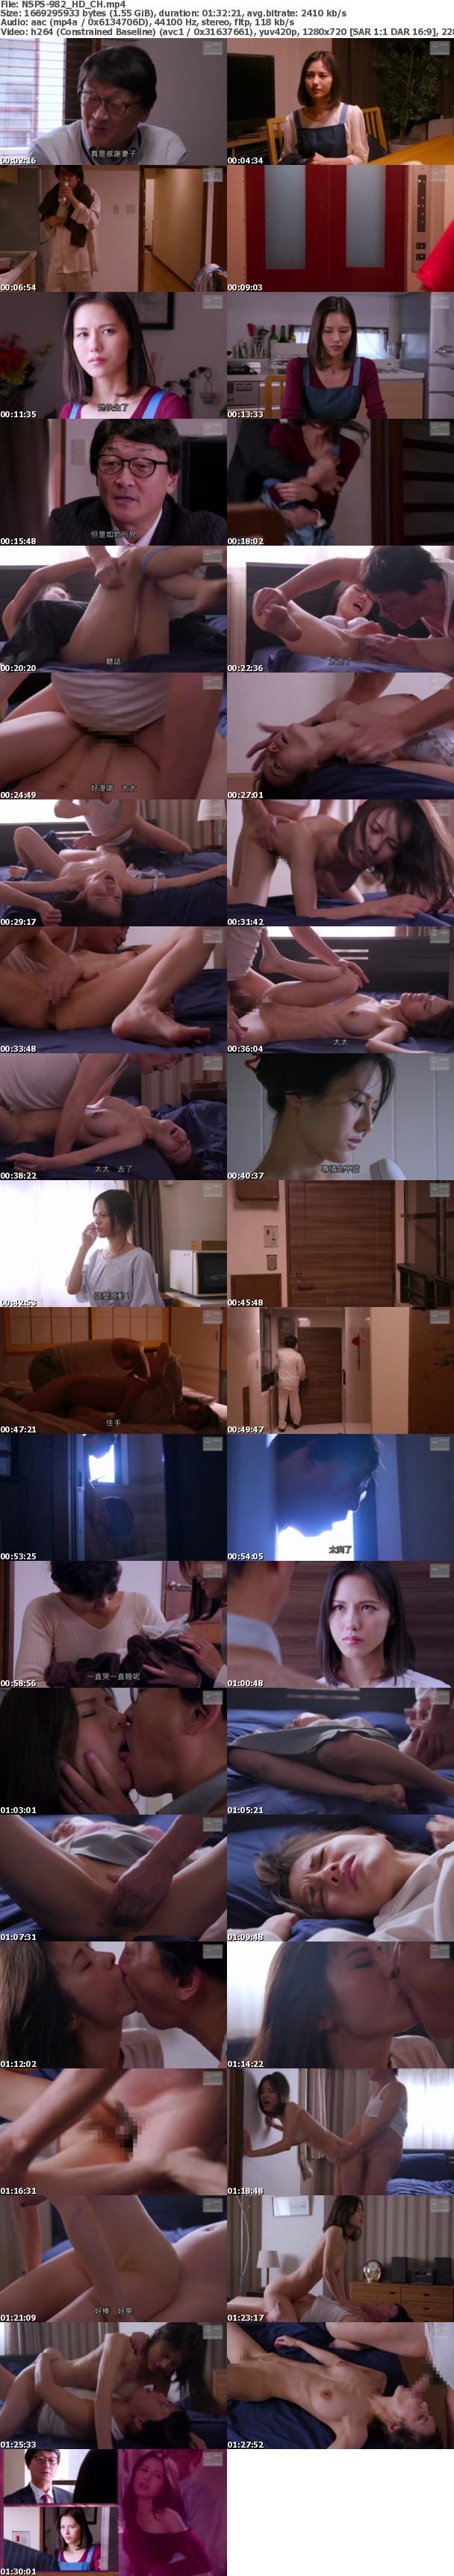 (中字) NSPS-982 THE 和姦 8~對侵犯的男人瘋狂的妻子 武藤彩香